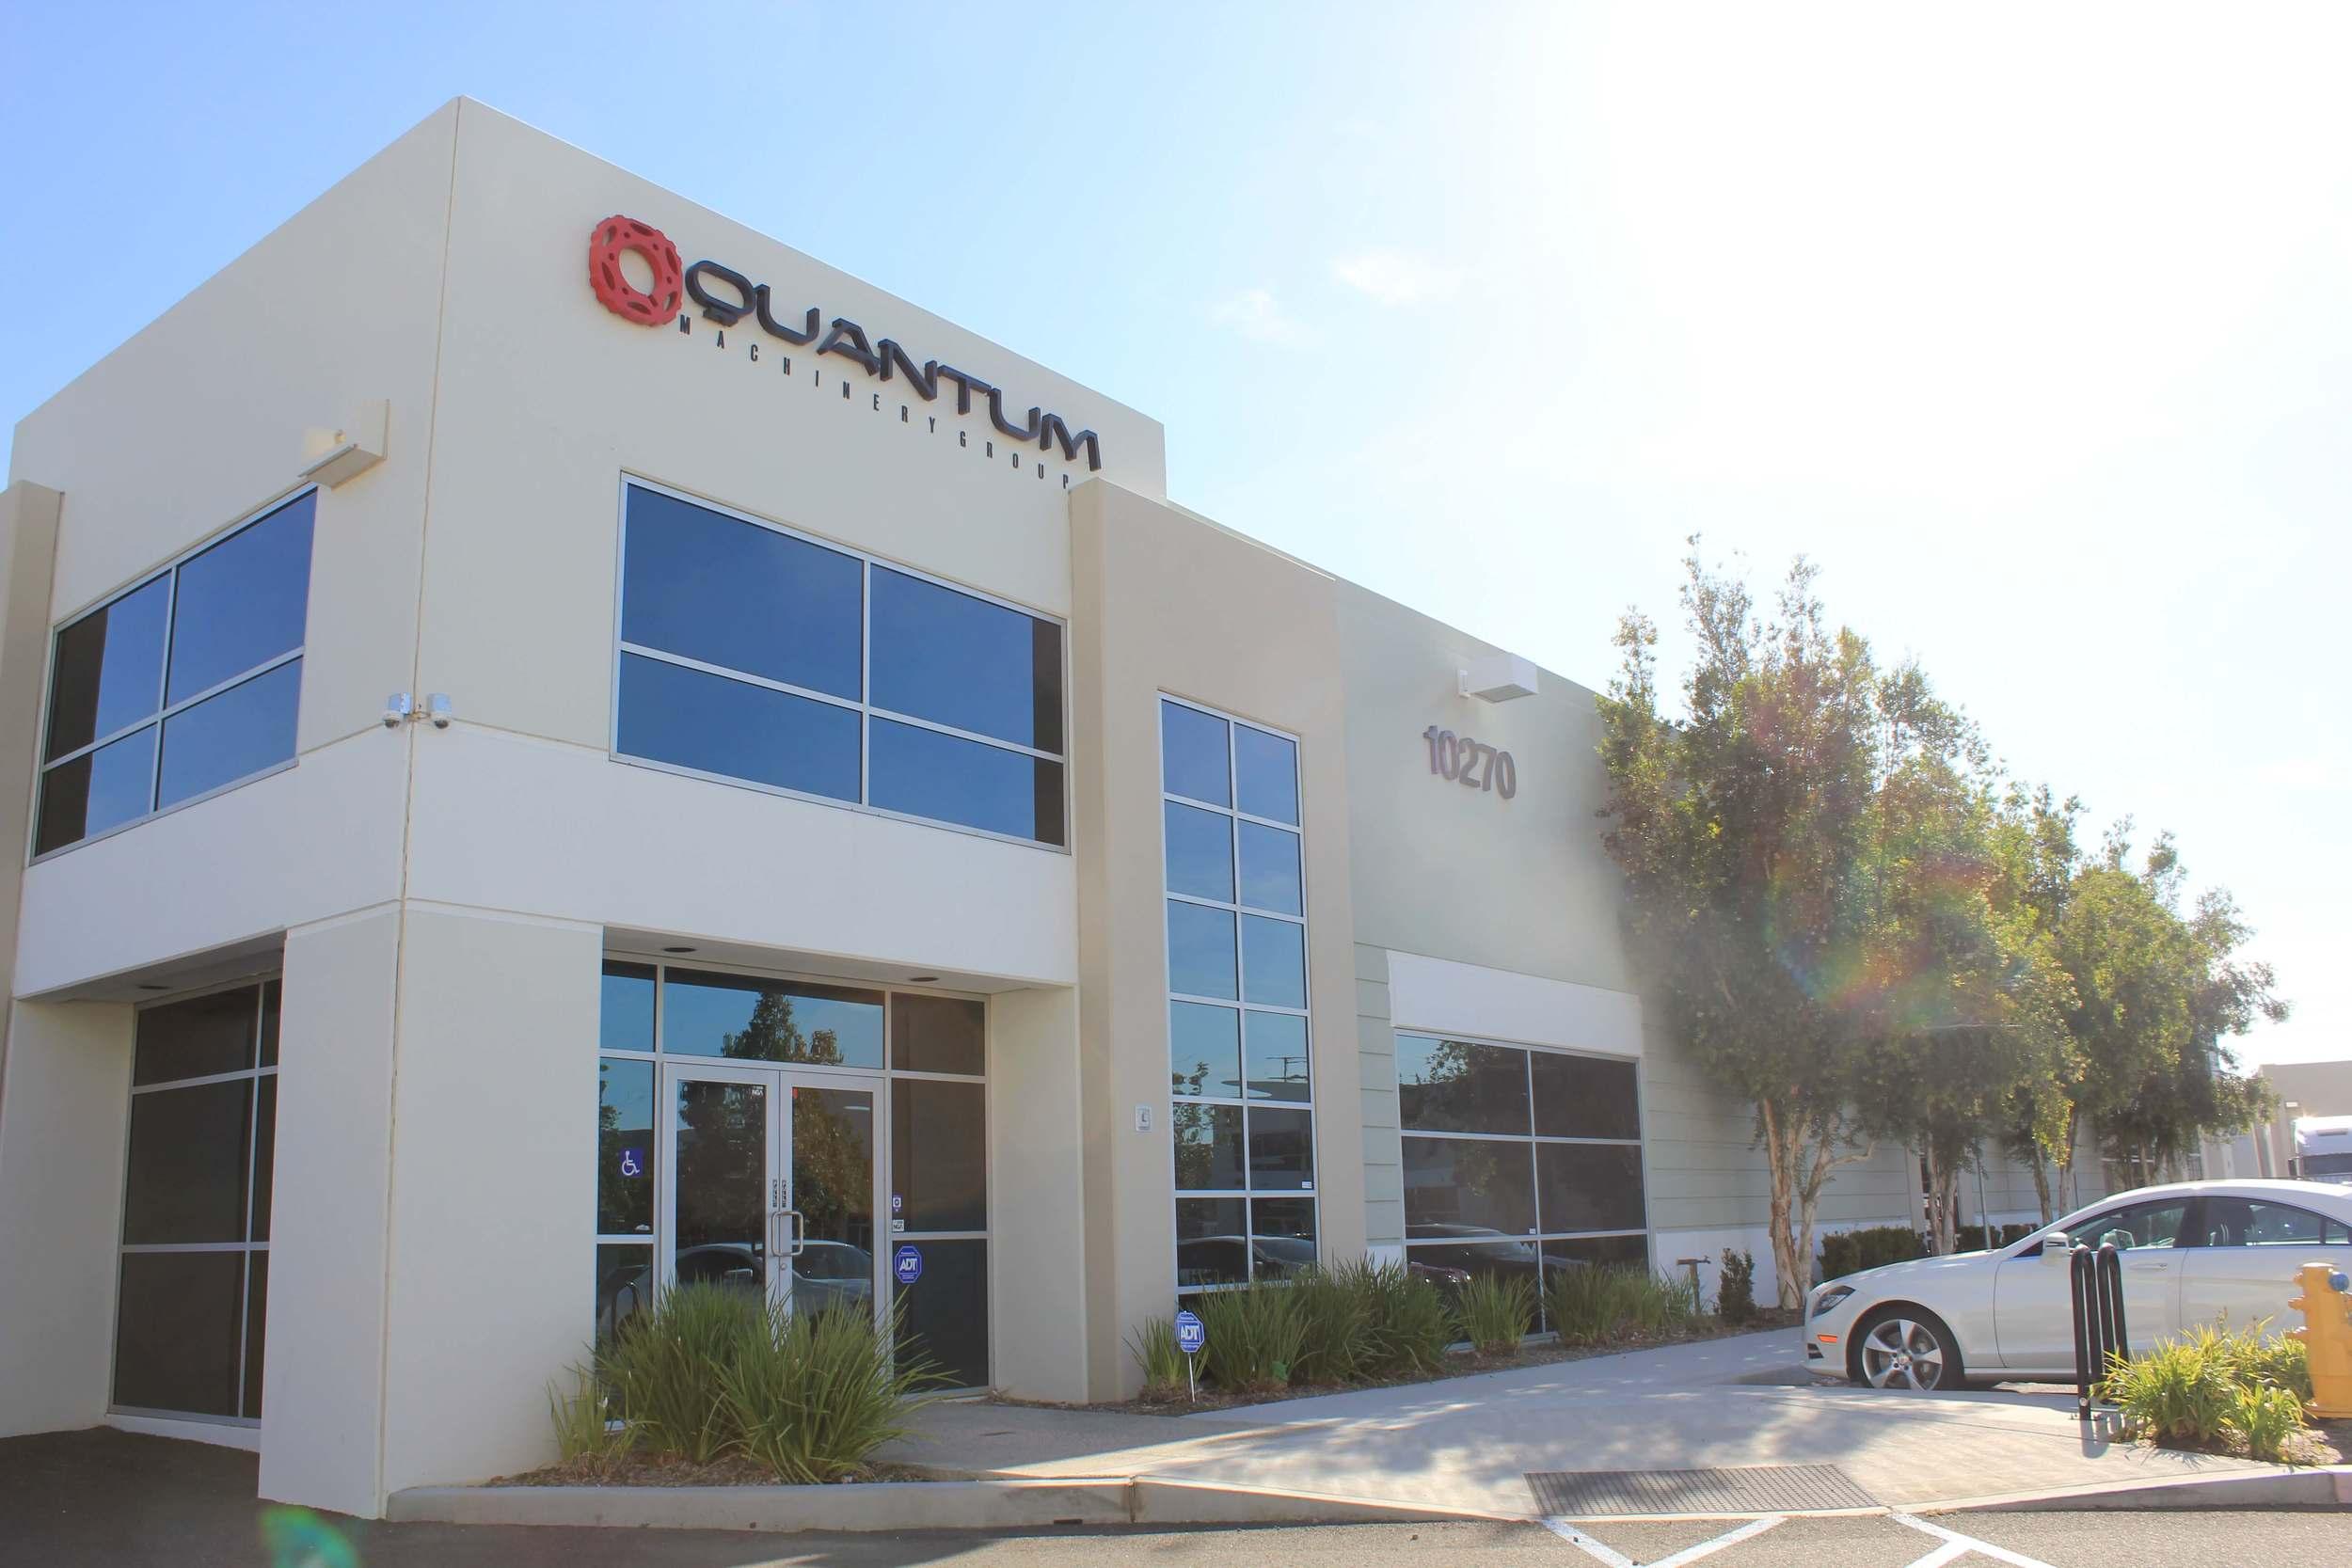 quantum headquarters building